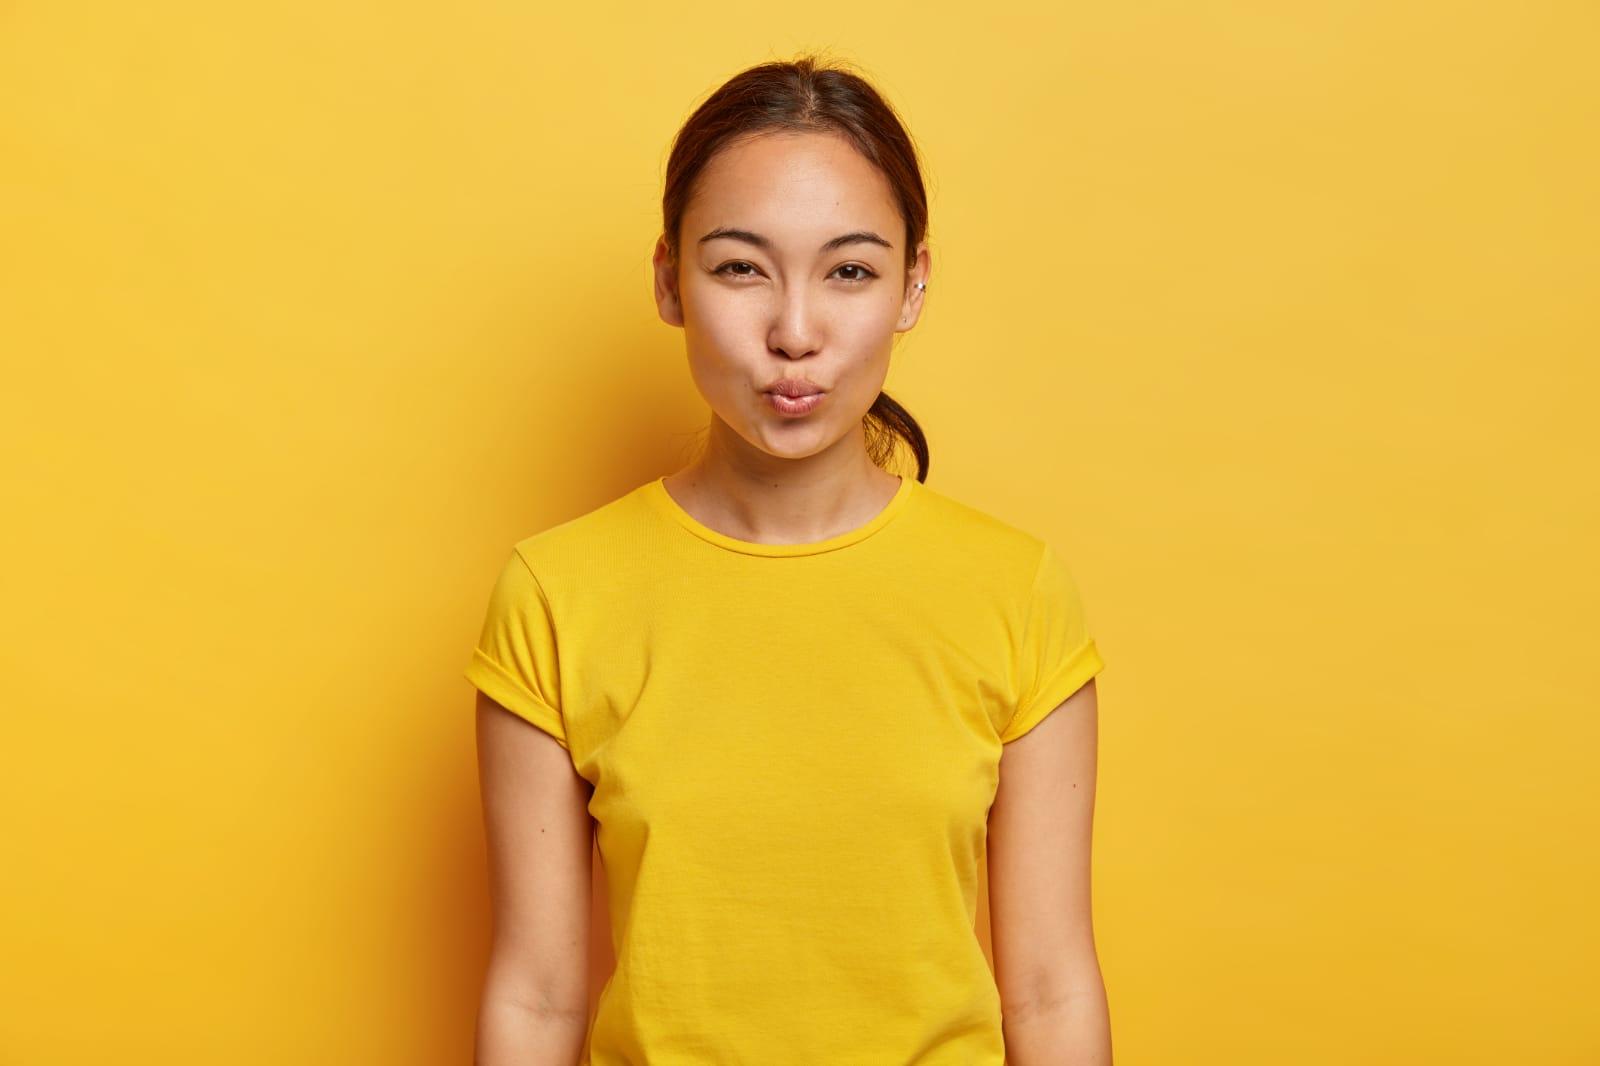 manfaat vitamin C untuk kecantikan (2)